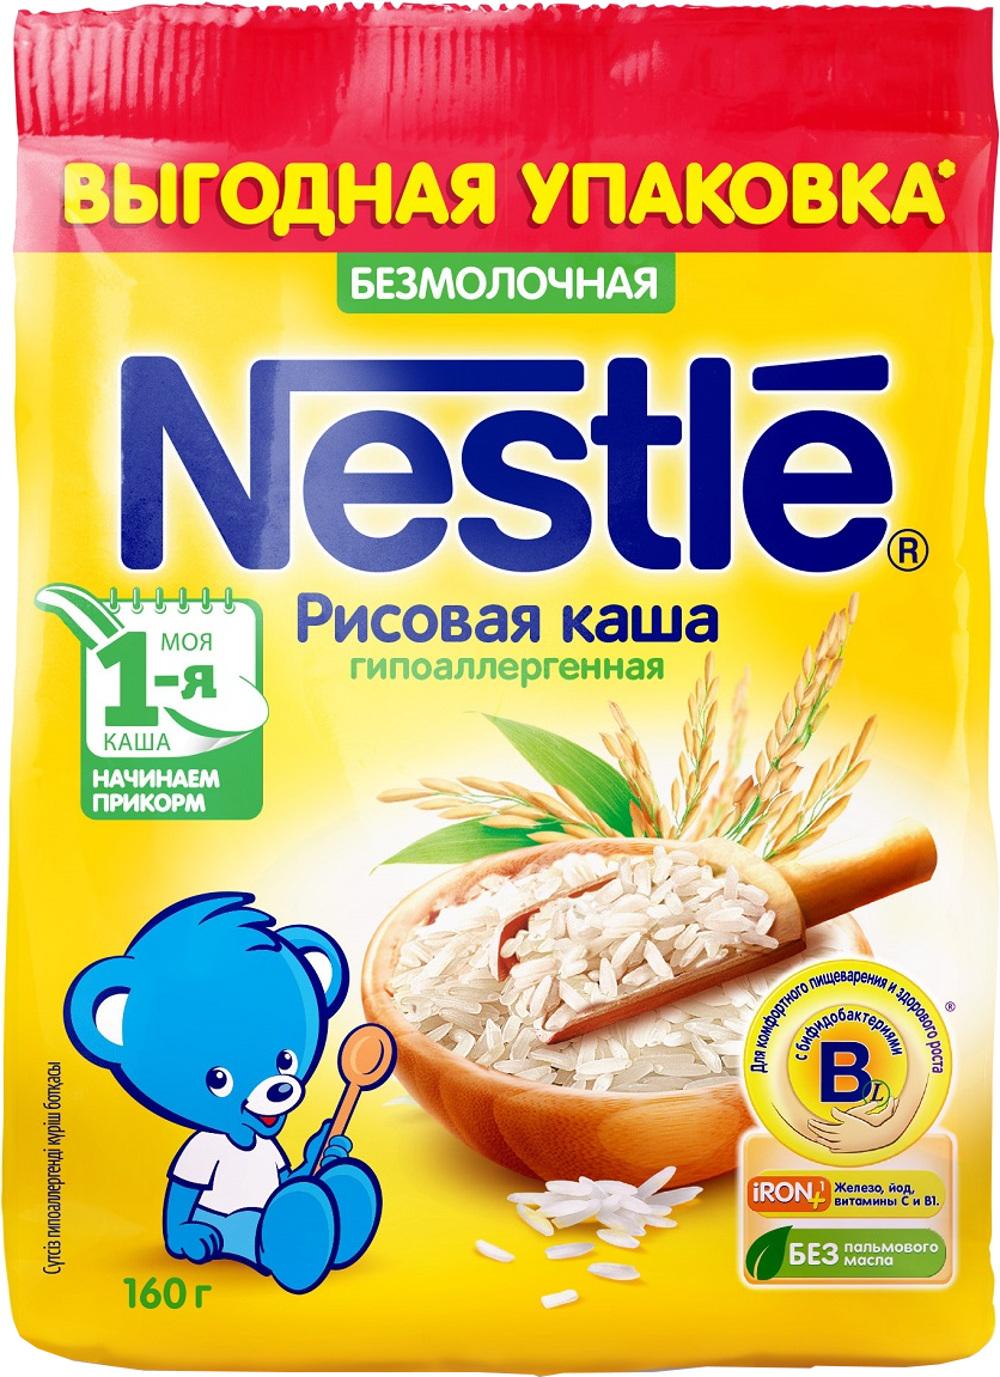 Каши Nestle Каша безмолочная Nestle рисовая гипоаллергенная с 4 мес. 160 г каши малютка каша безмолочная малютка рисовая с 4 мес 200 г